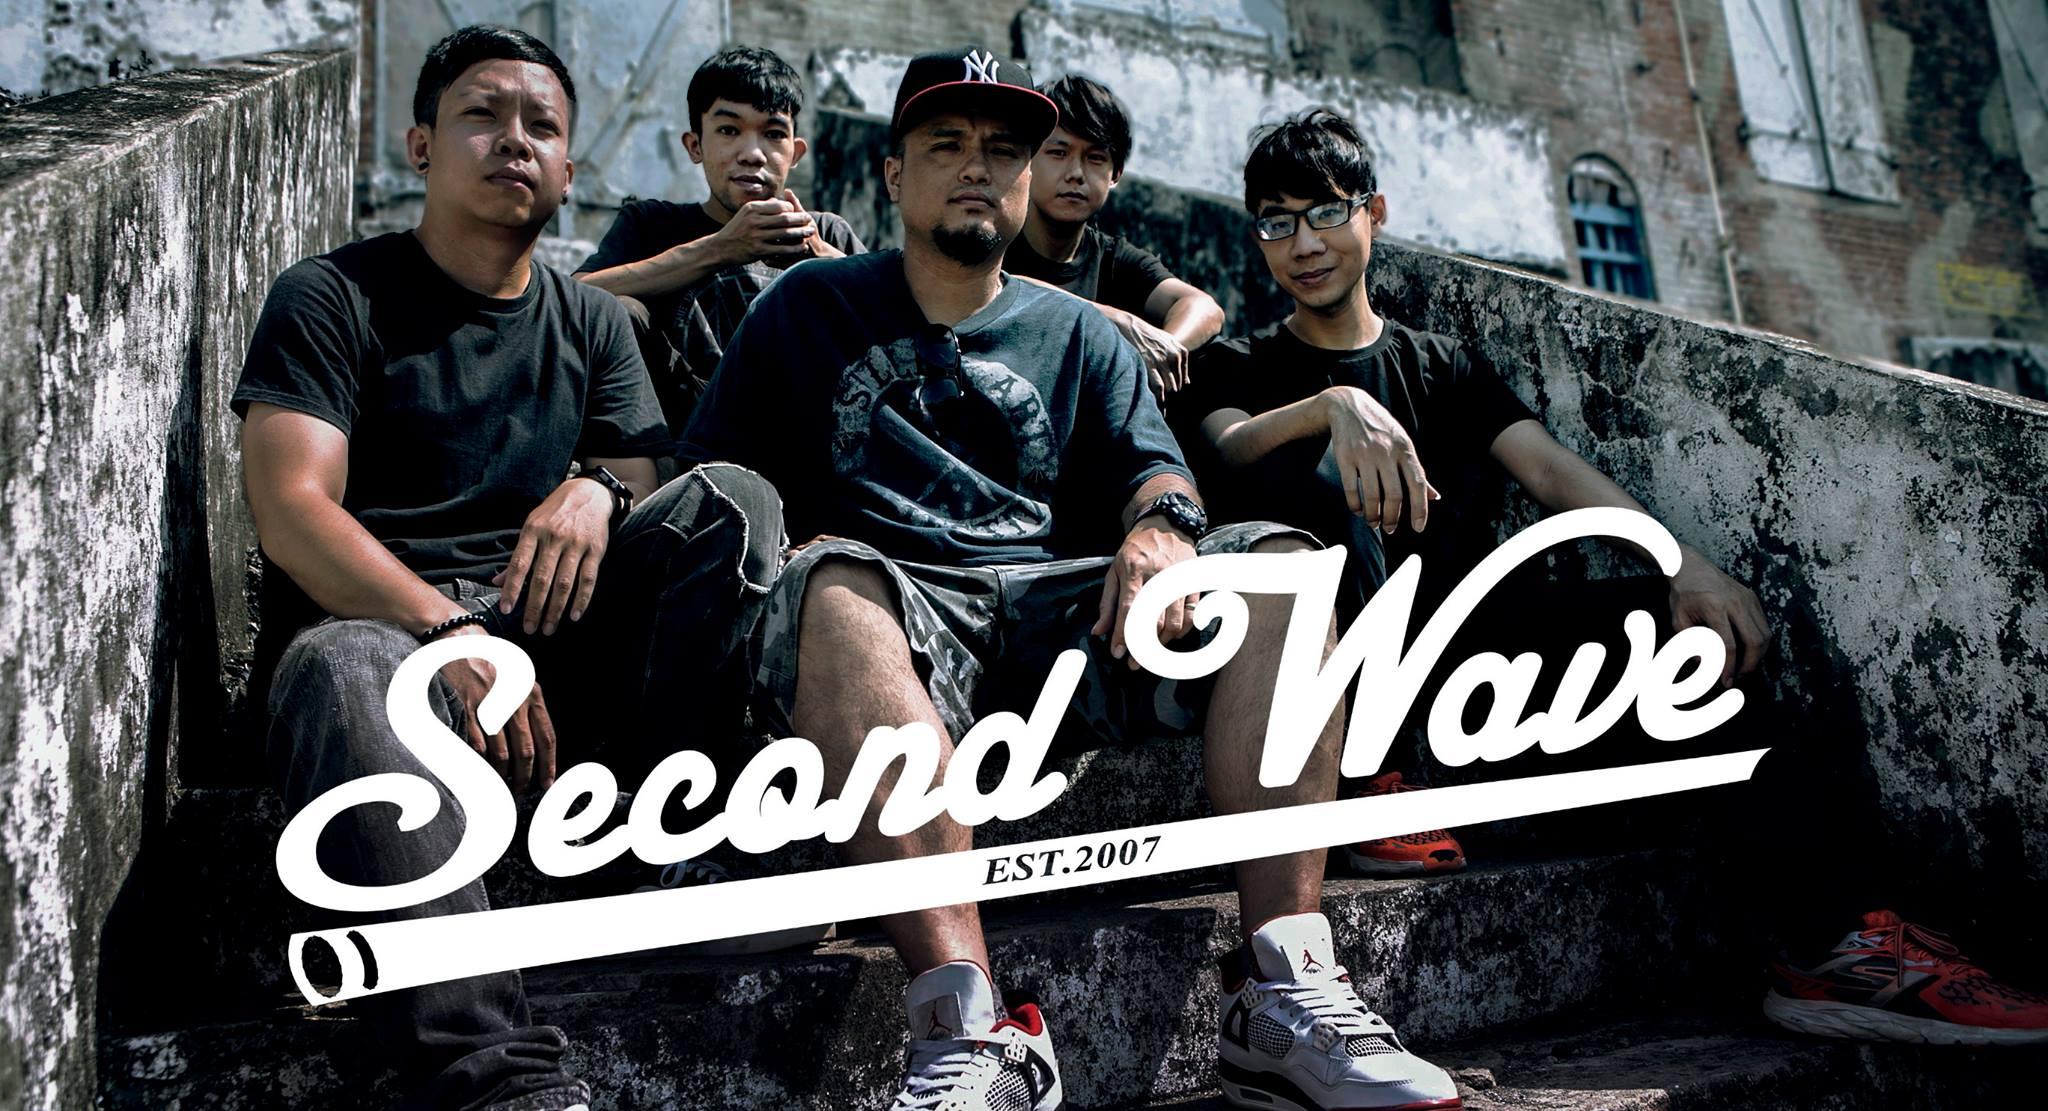 高雄 Nu-Metal 樂團 二手菸 Second Wave 單曲影音 Party Rock Star